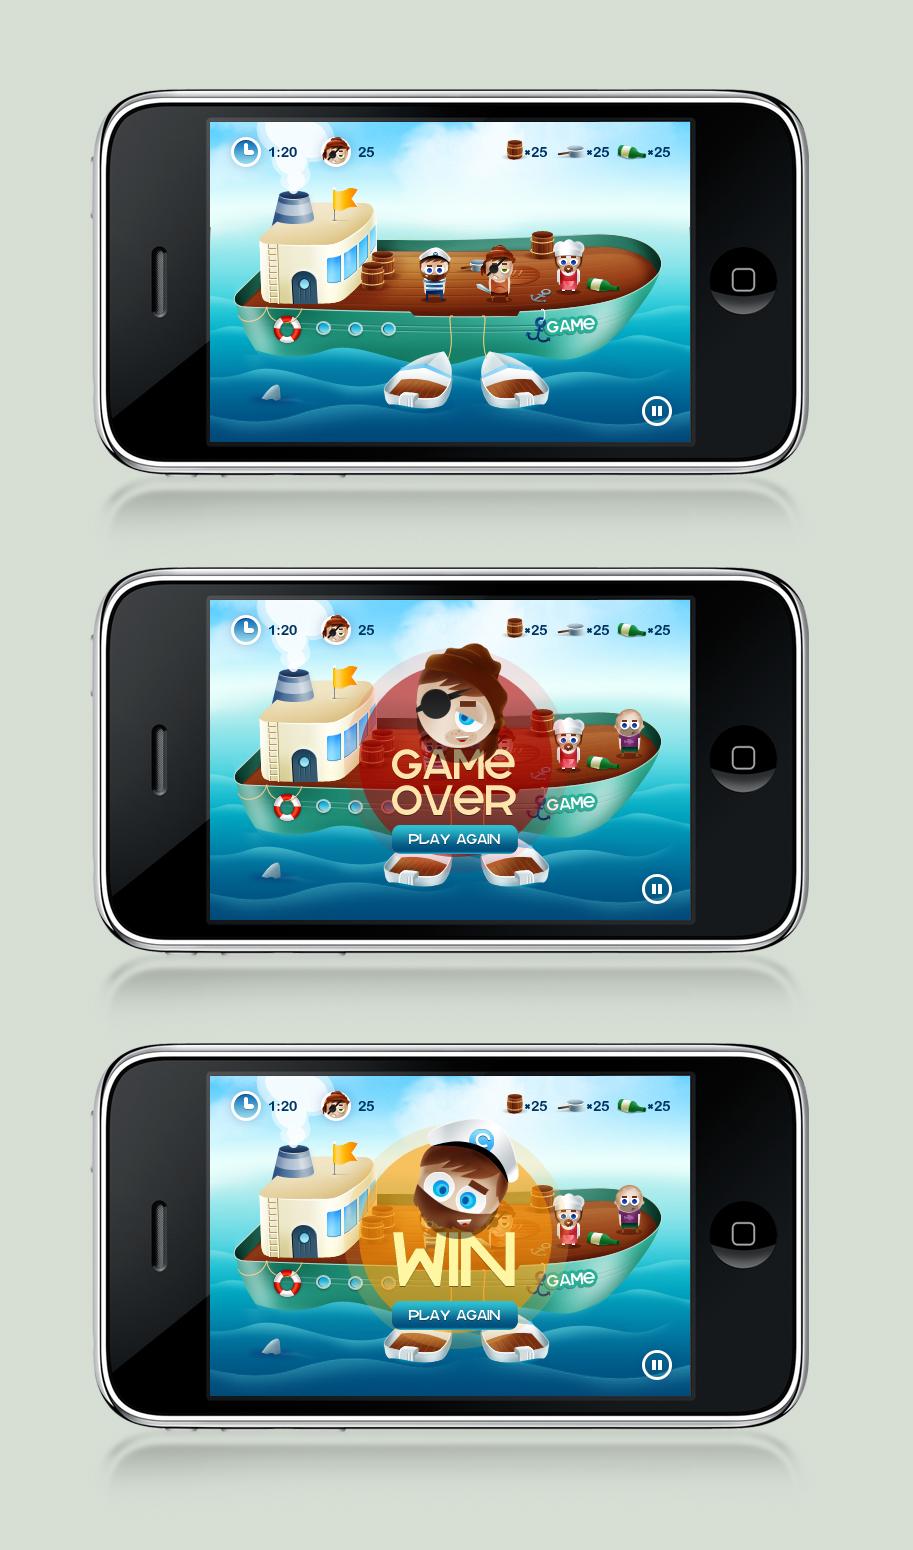 iPhone game design by gatisatmixlv